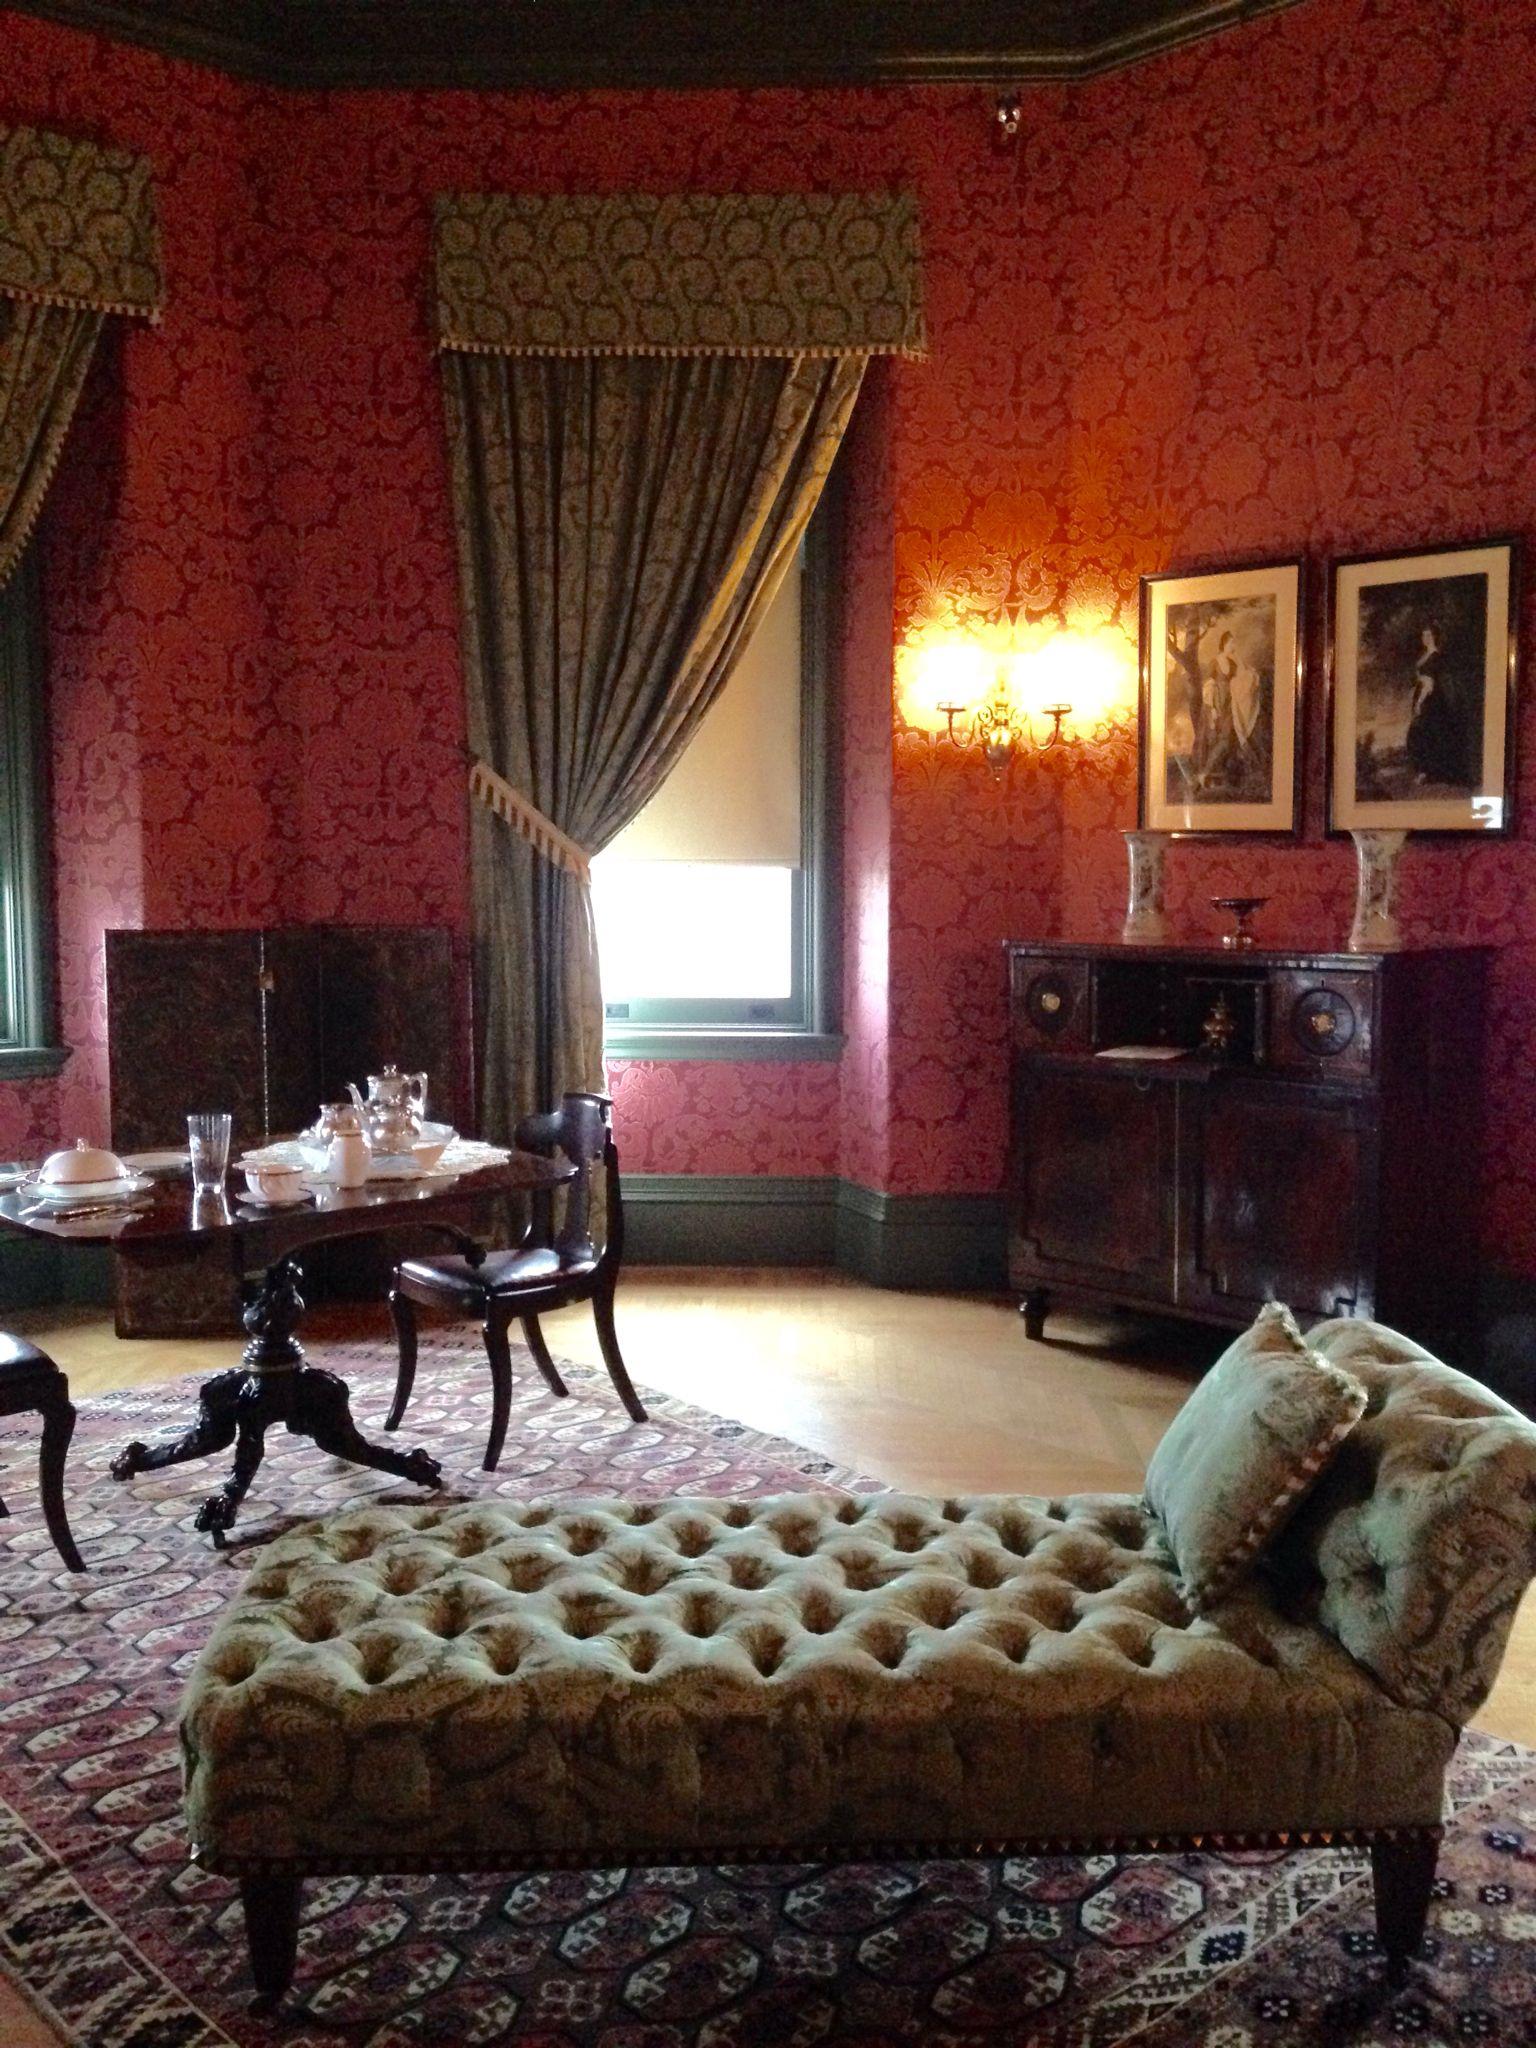 Biltmore Damask Room February 2016 Visit Biltmore House Biltmore Estate Biltmore